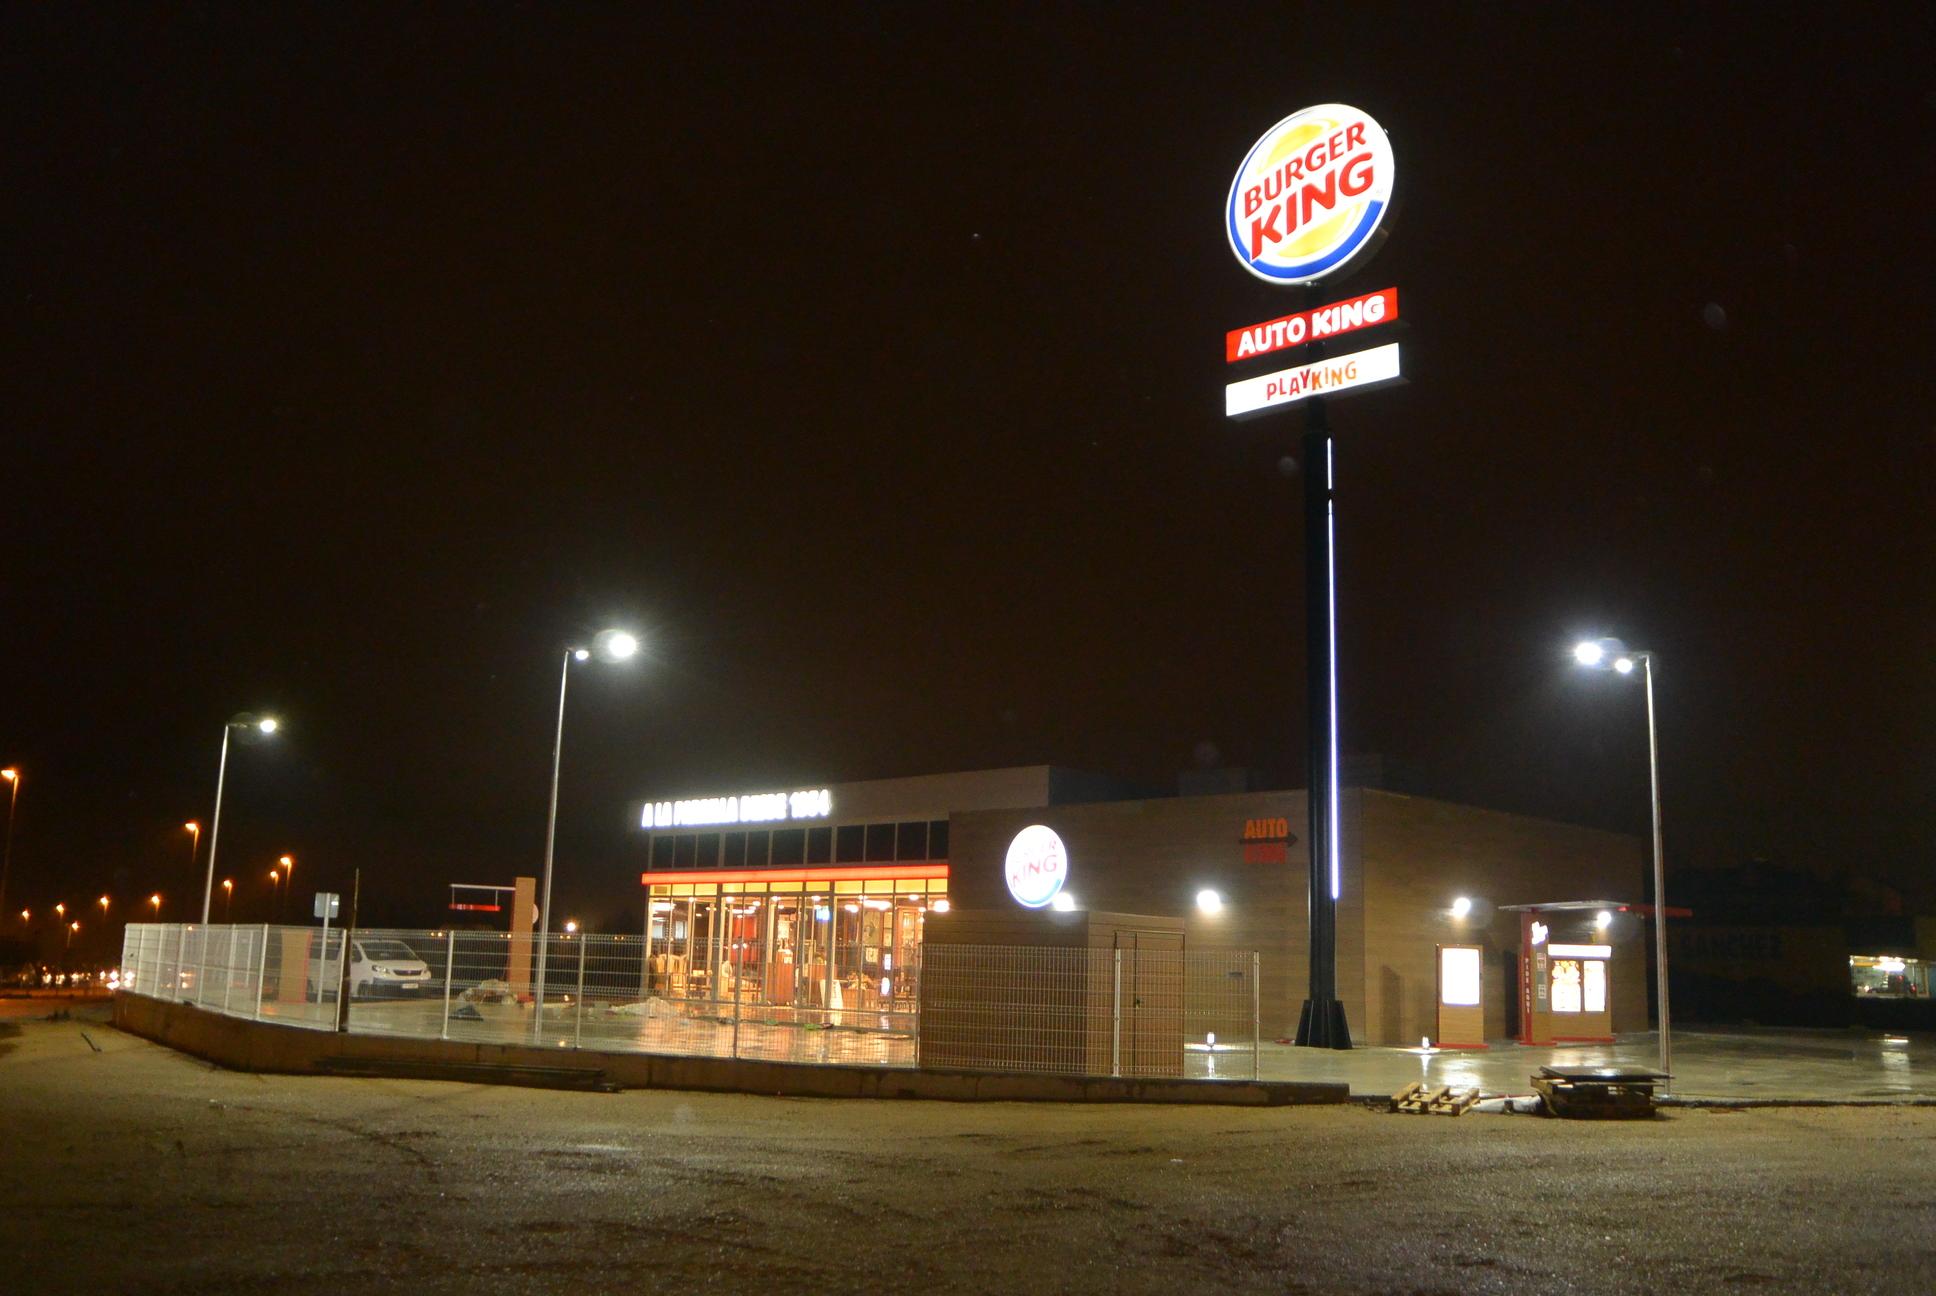 El Burger King de Cuatrovientos abrirá previsiblemente el 26 de diciembre 1